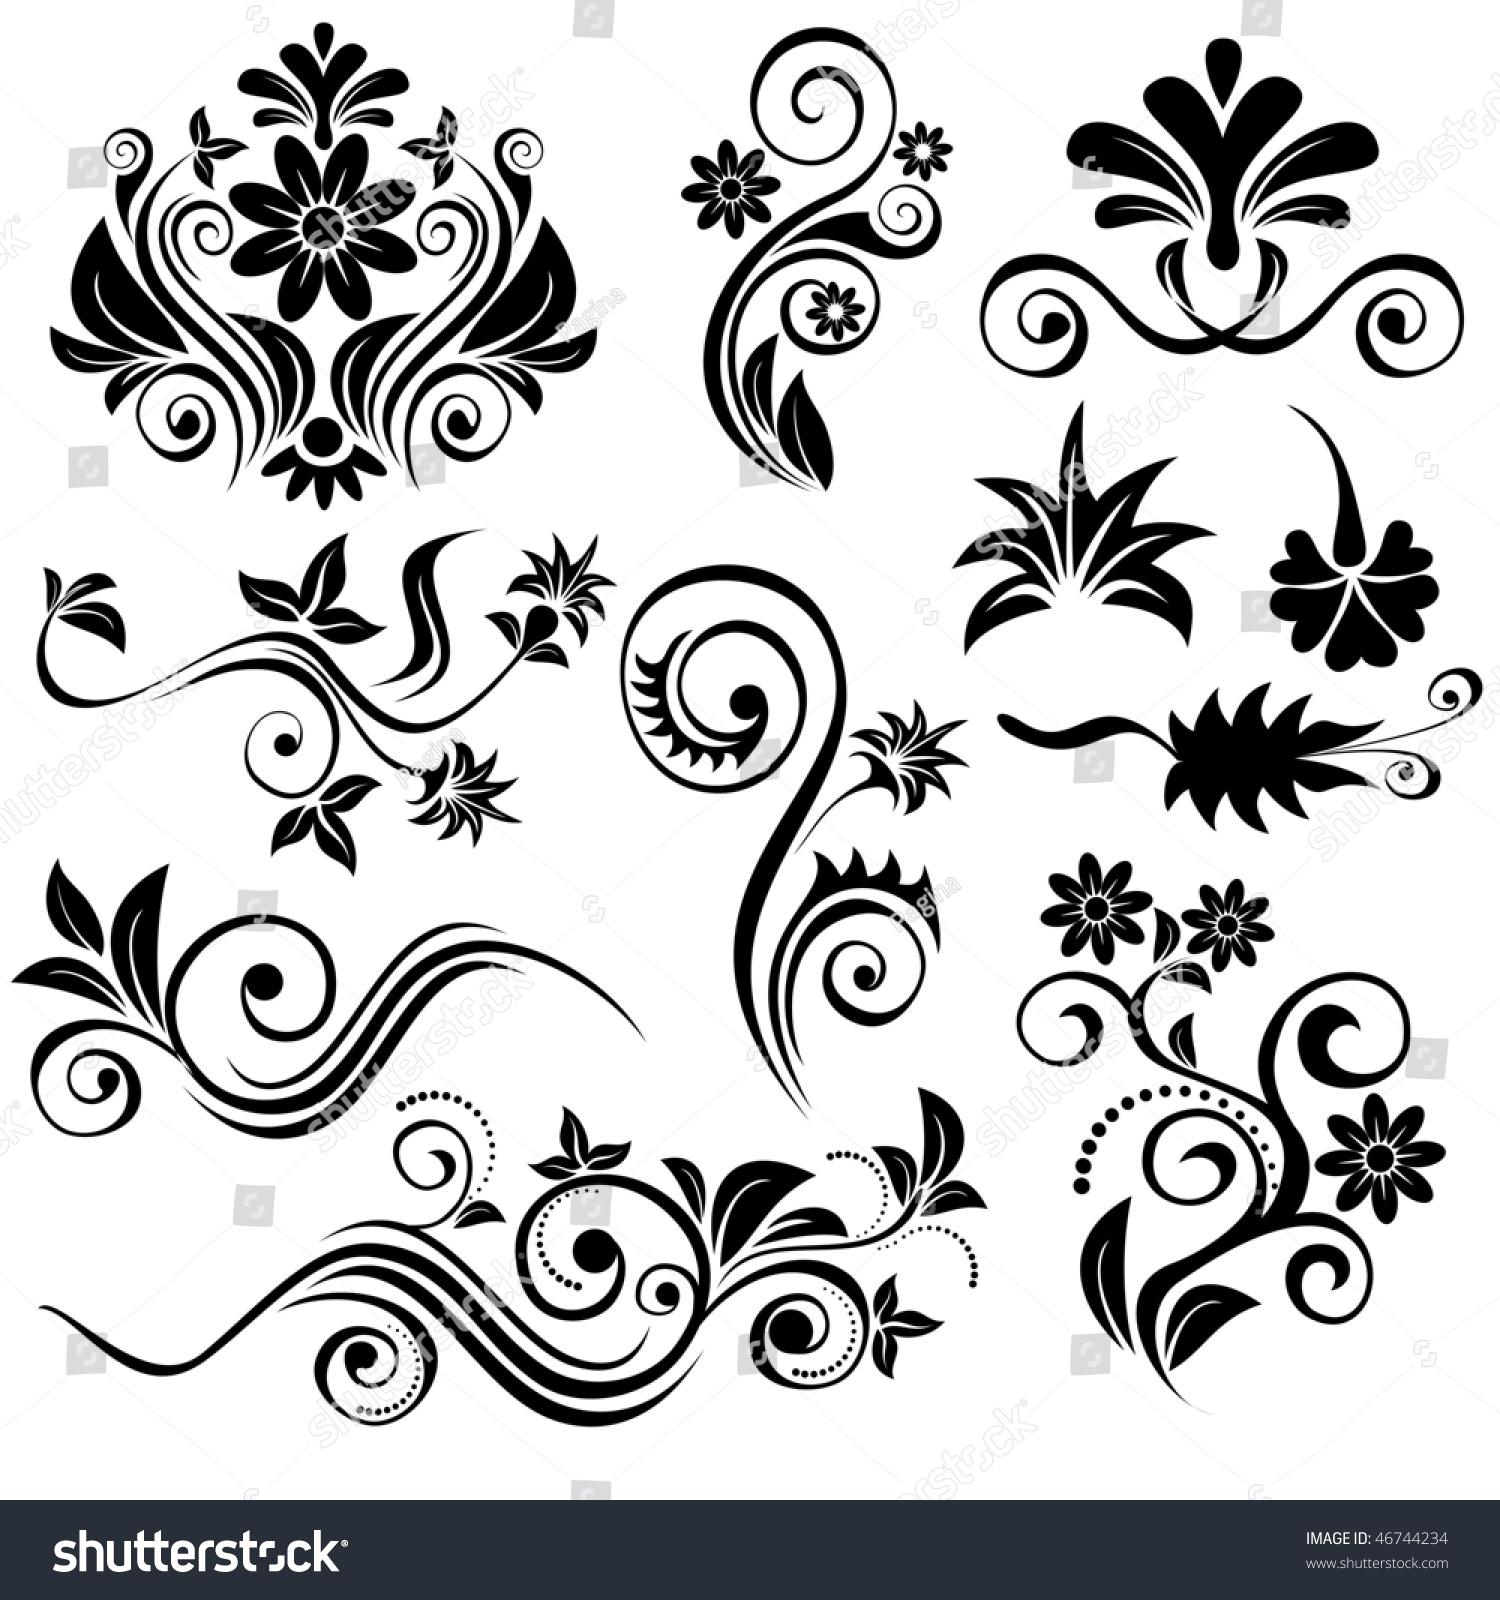 Set Of Black Flower Design Elements Stock Vector: Set Of Vector Floral Design Elements